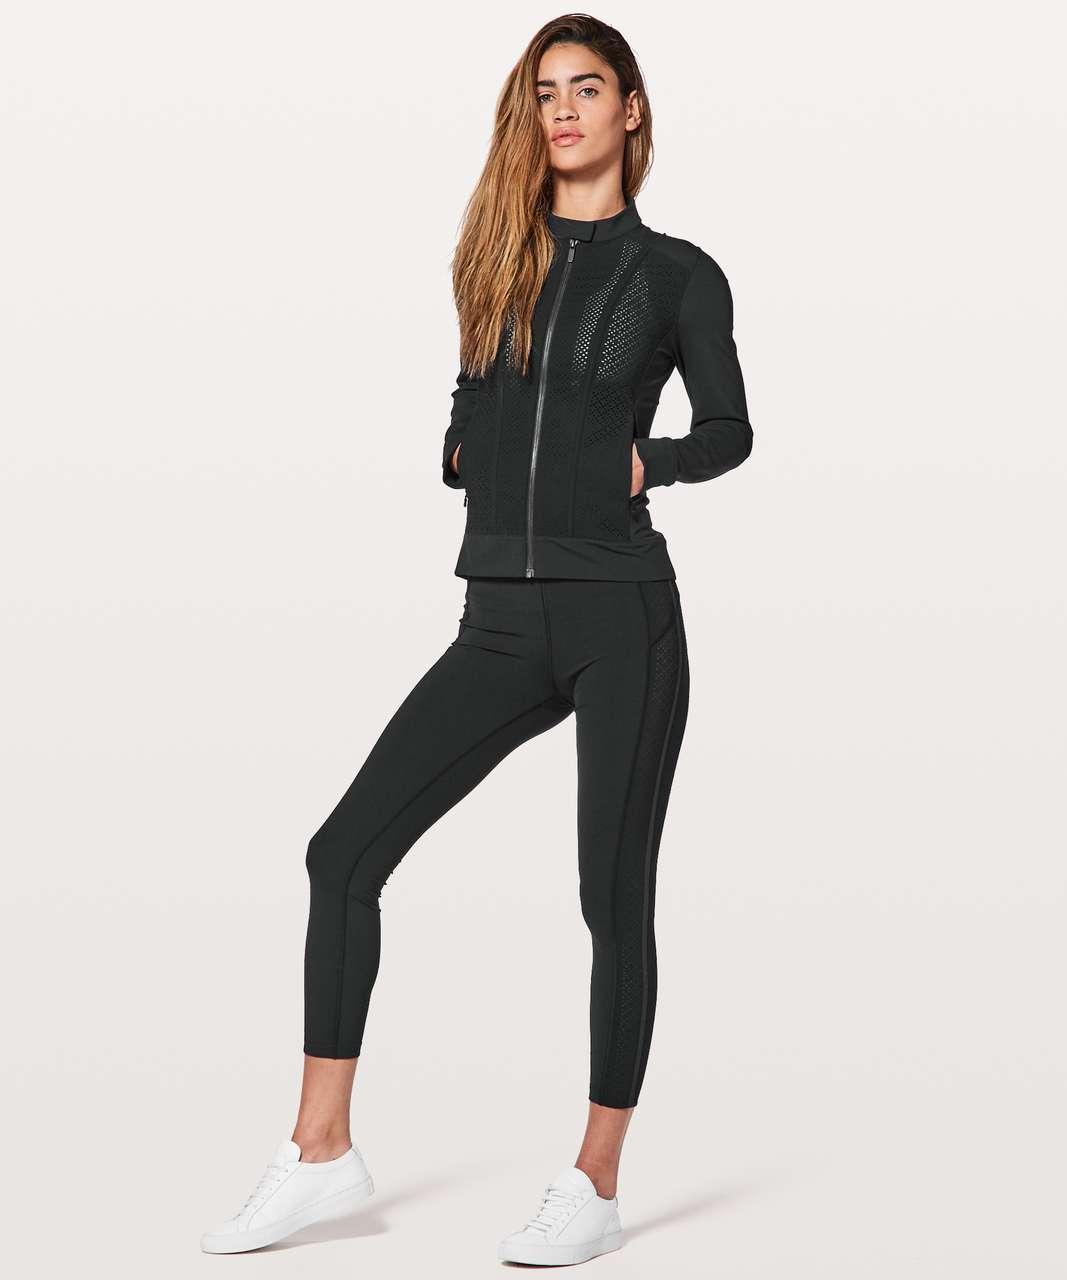 Lululemon Get Your Peek On Jacket - Black